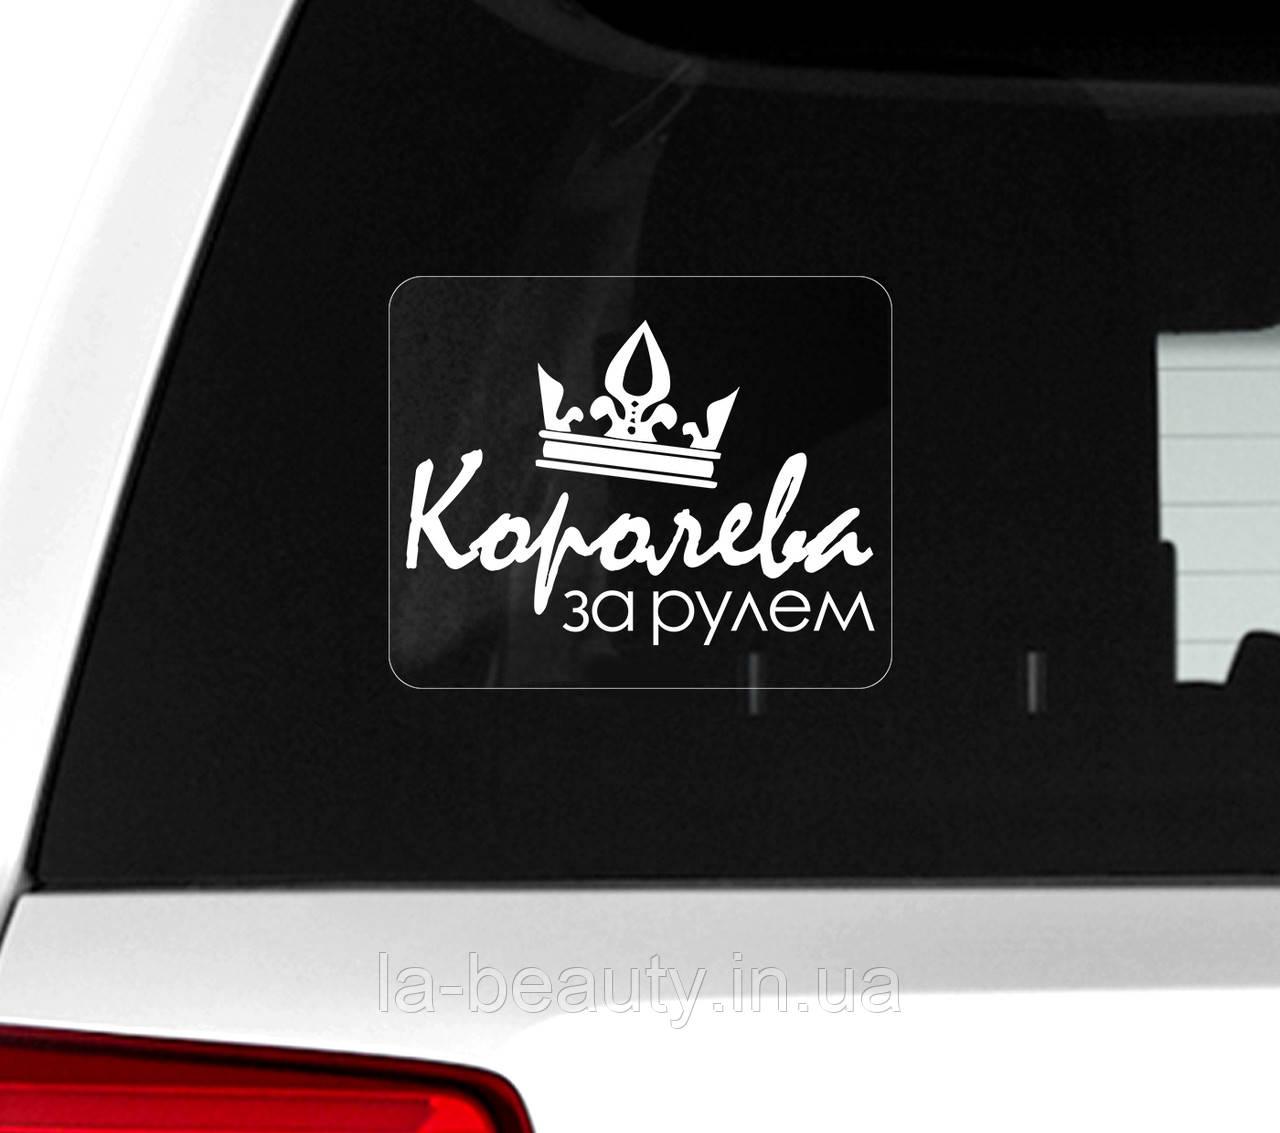 Автомобильная наклейка на стекло Королева за рулем